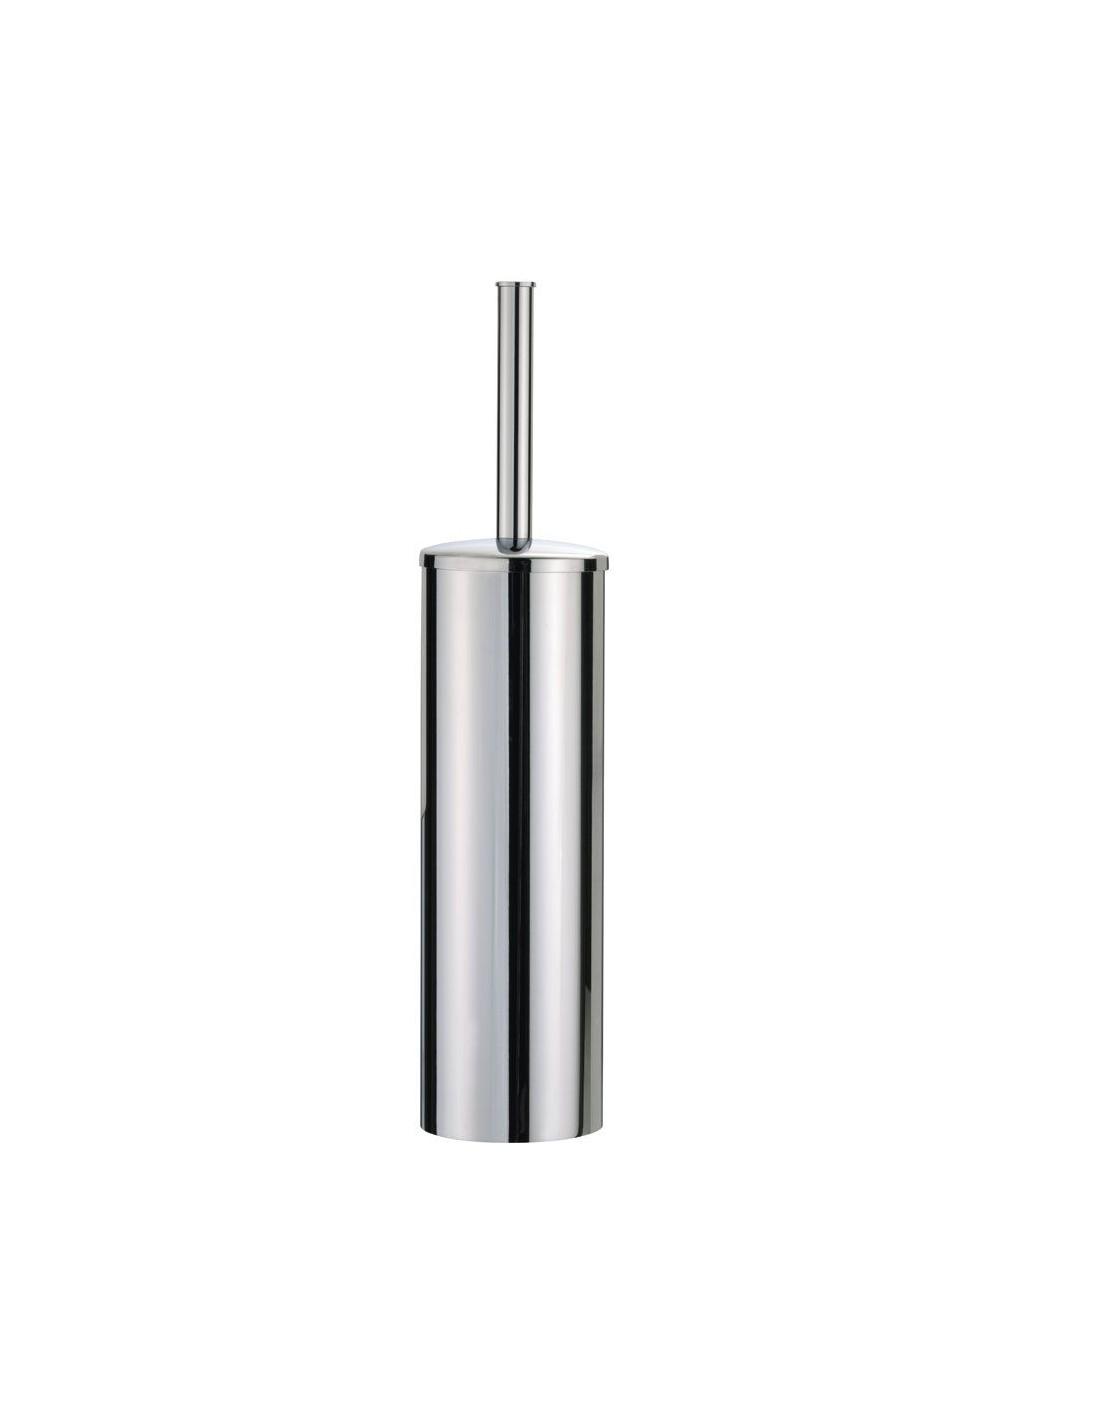 Porte balai TH253 chrome BAGNO&ASSOCIATI valente design